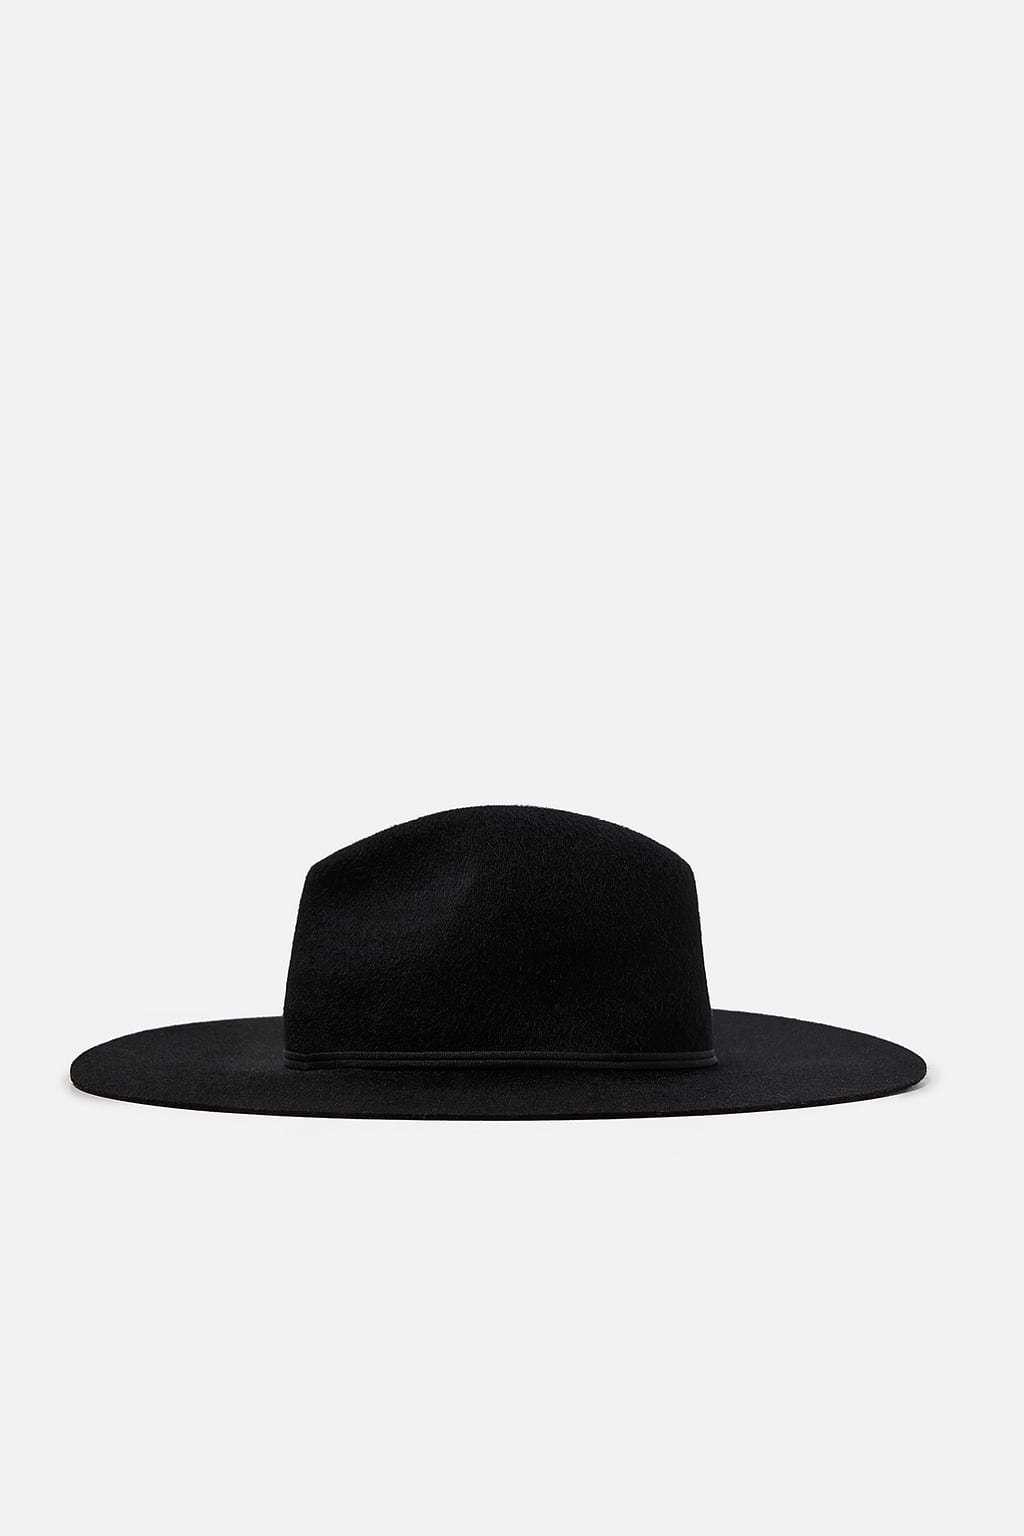 Sombrero de lana, de Zara (29,95 euros).